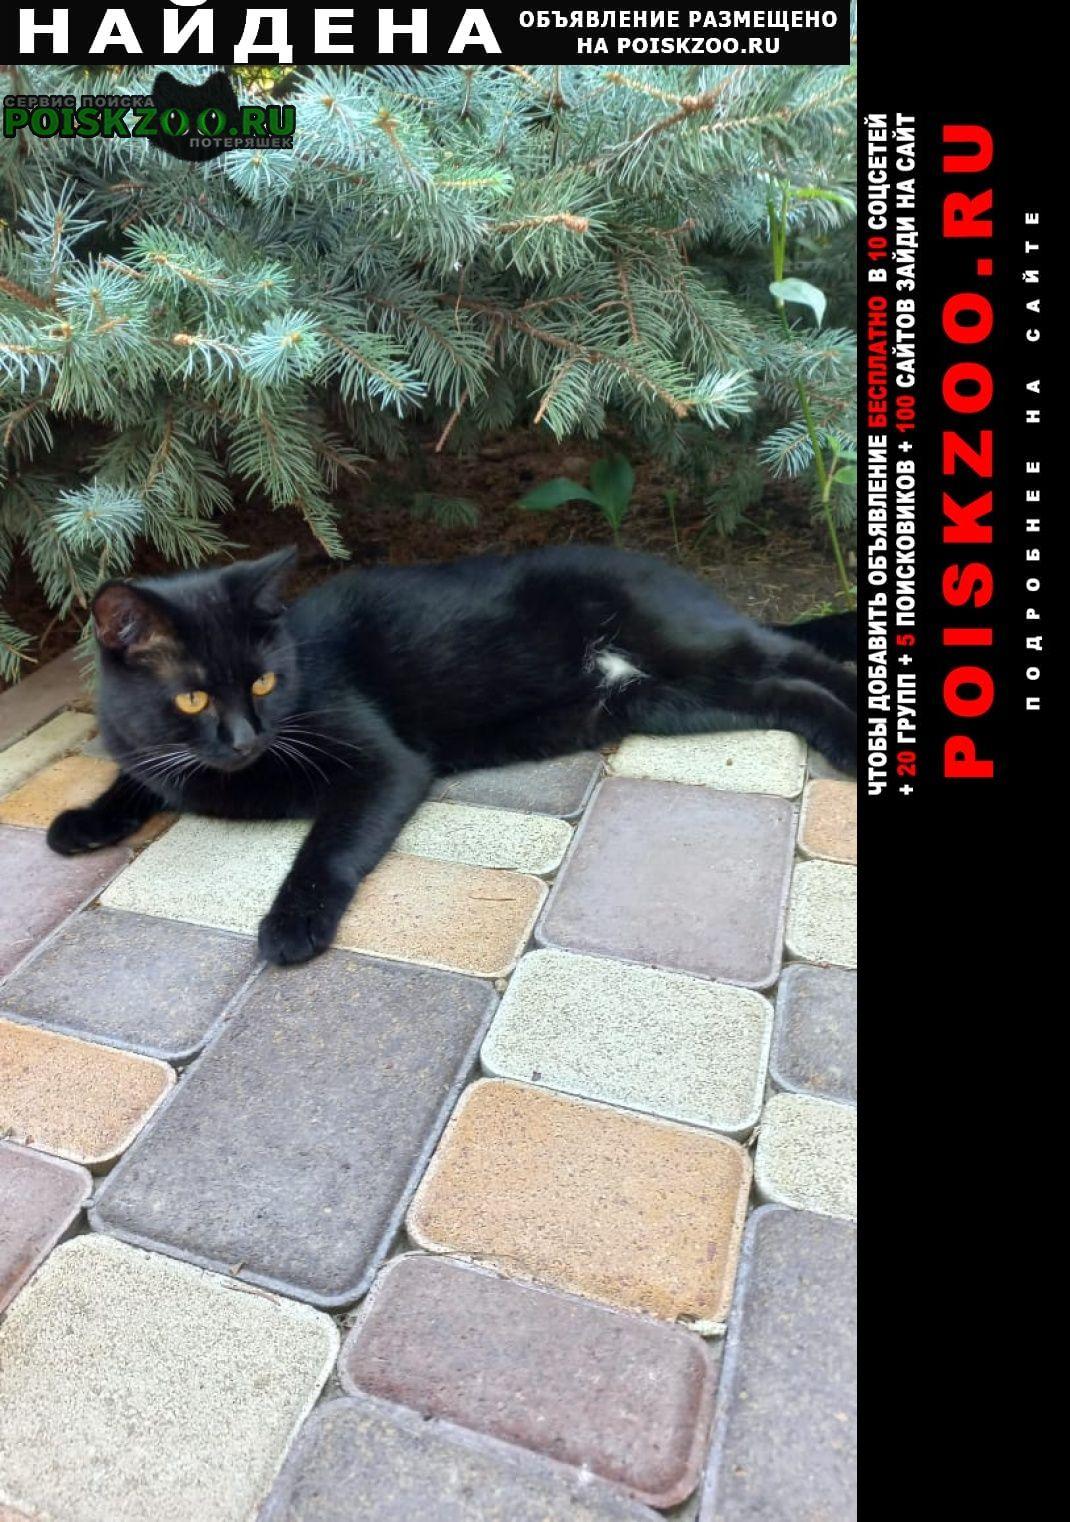 Краснодар Найден кот чёрный в красном ошейнике.